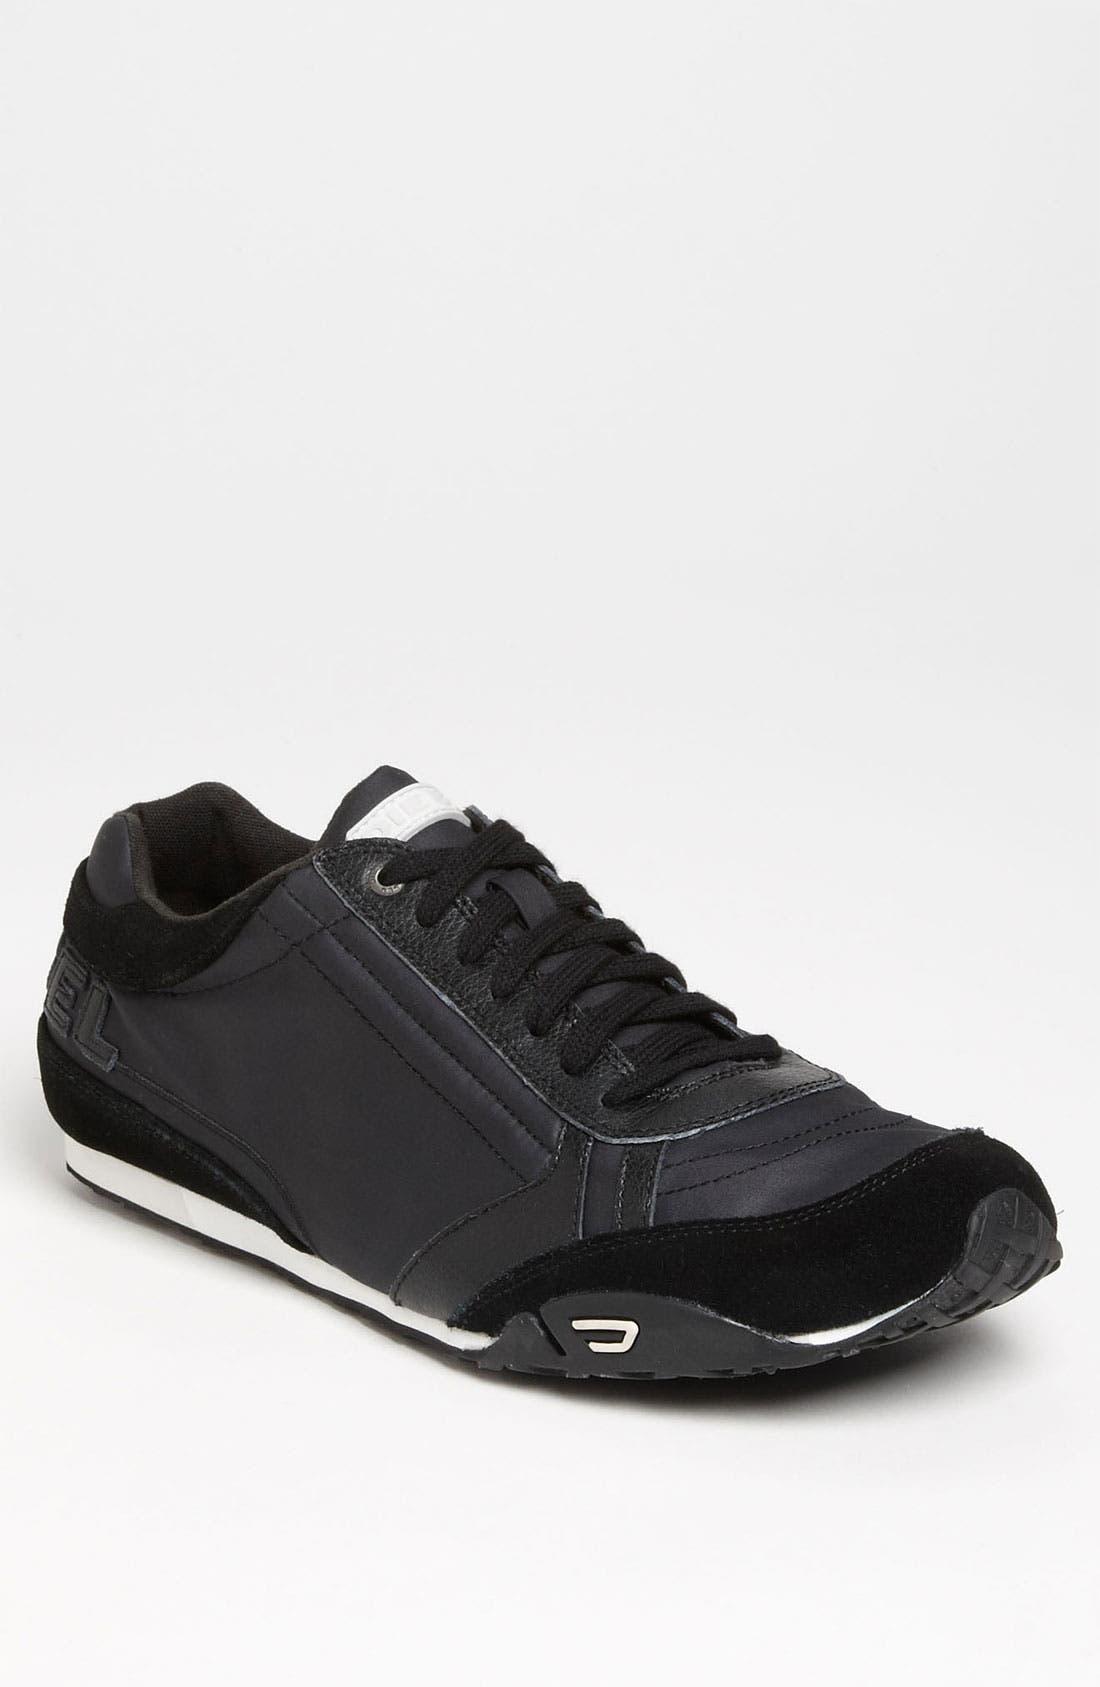 Alternate Image 1 Selected - DIESEL® 'Take' Leather Sneaker